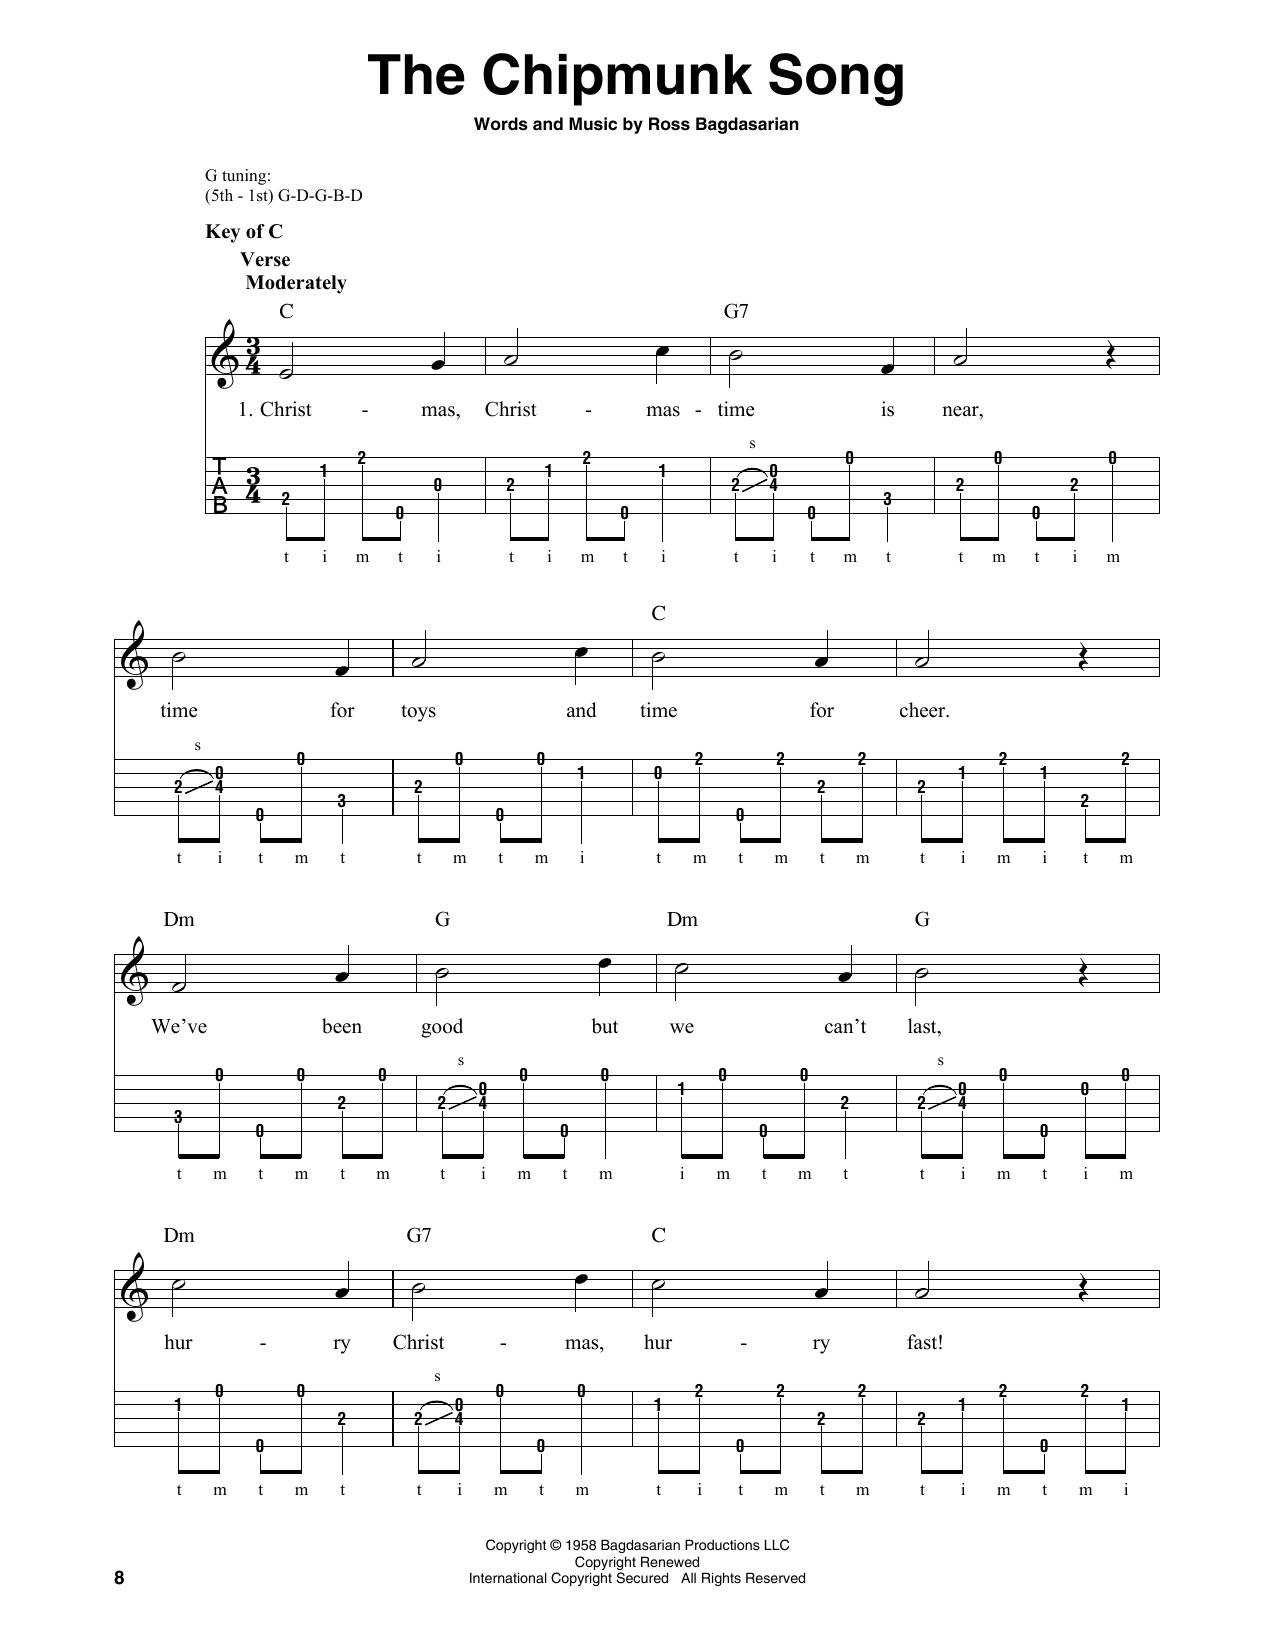 The Chipmunk Song (Banjo Tab)